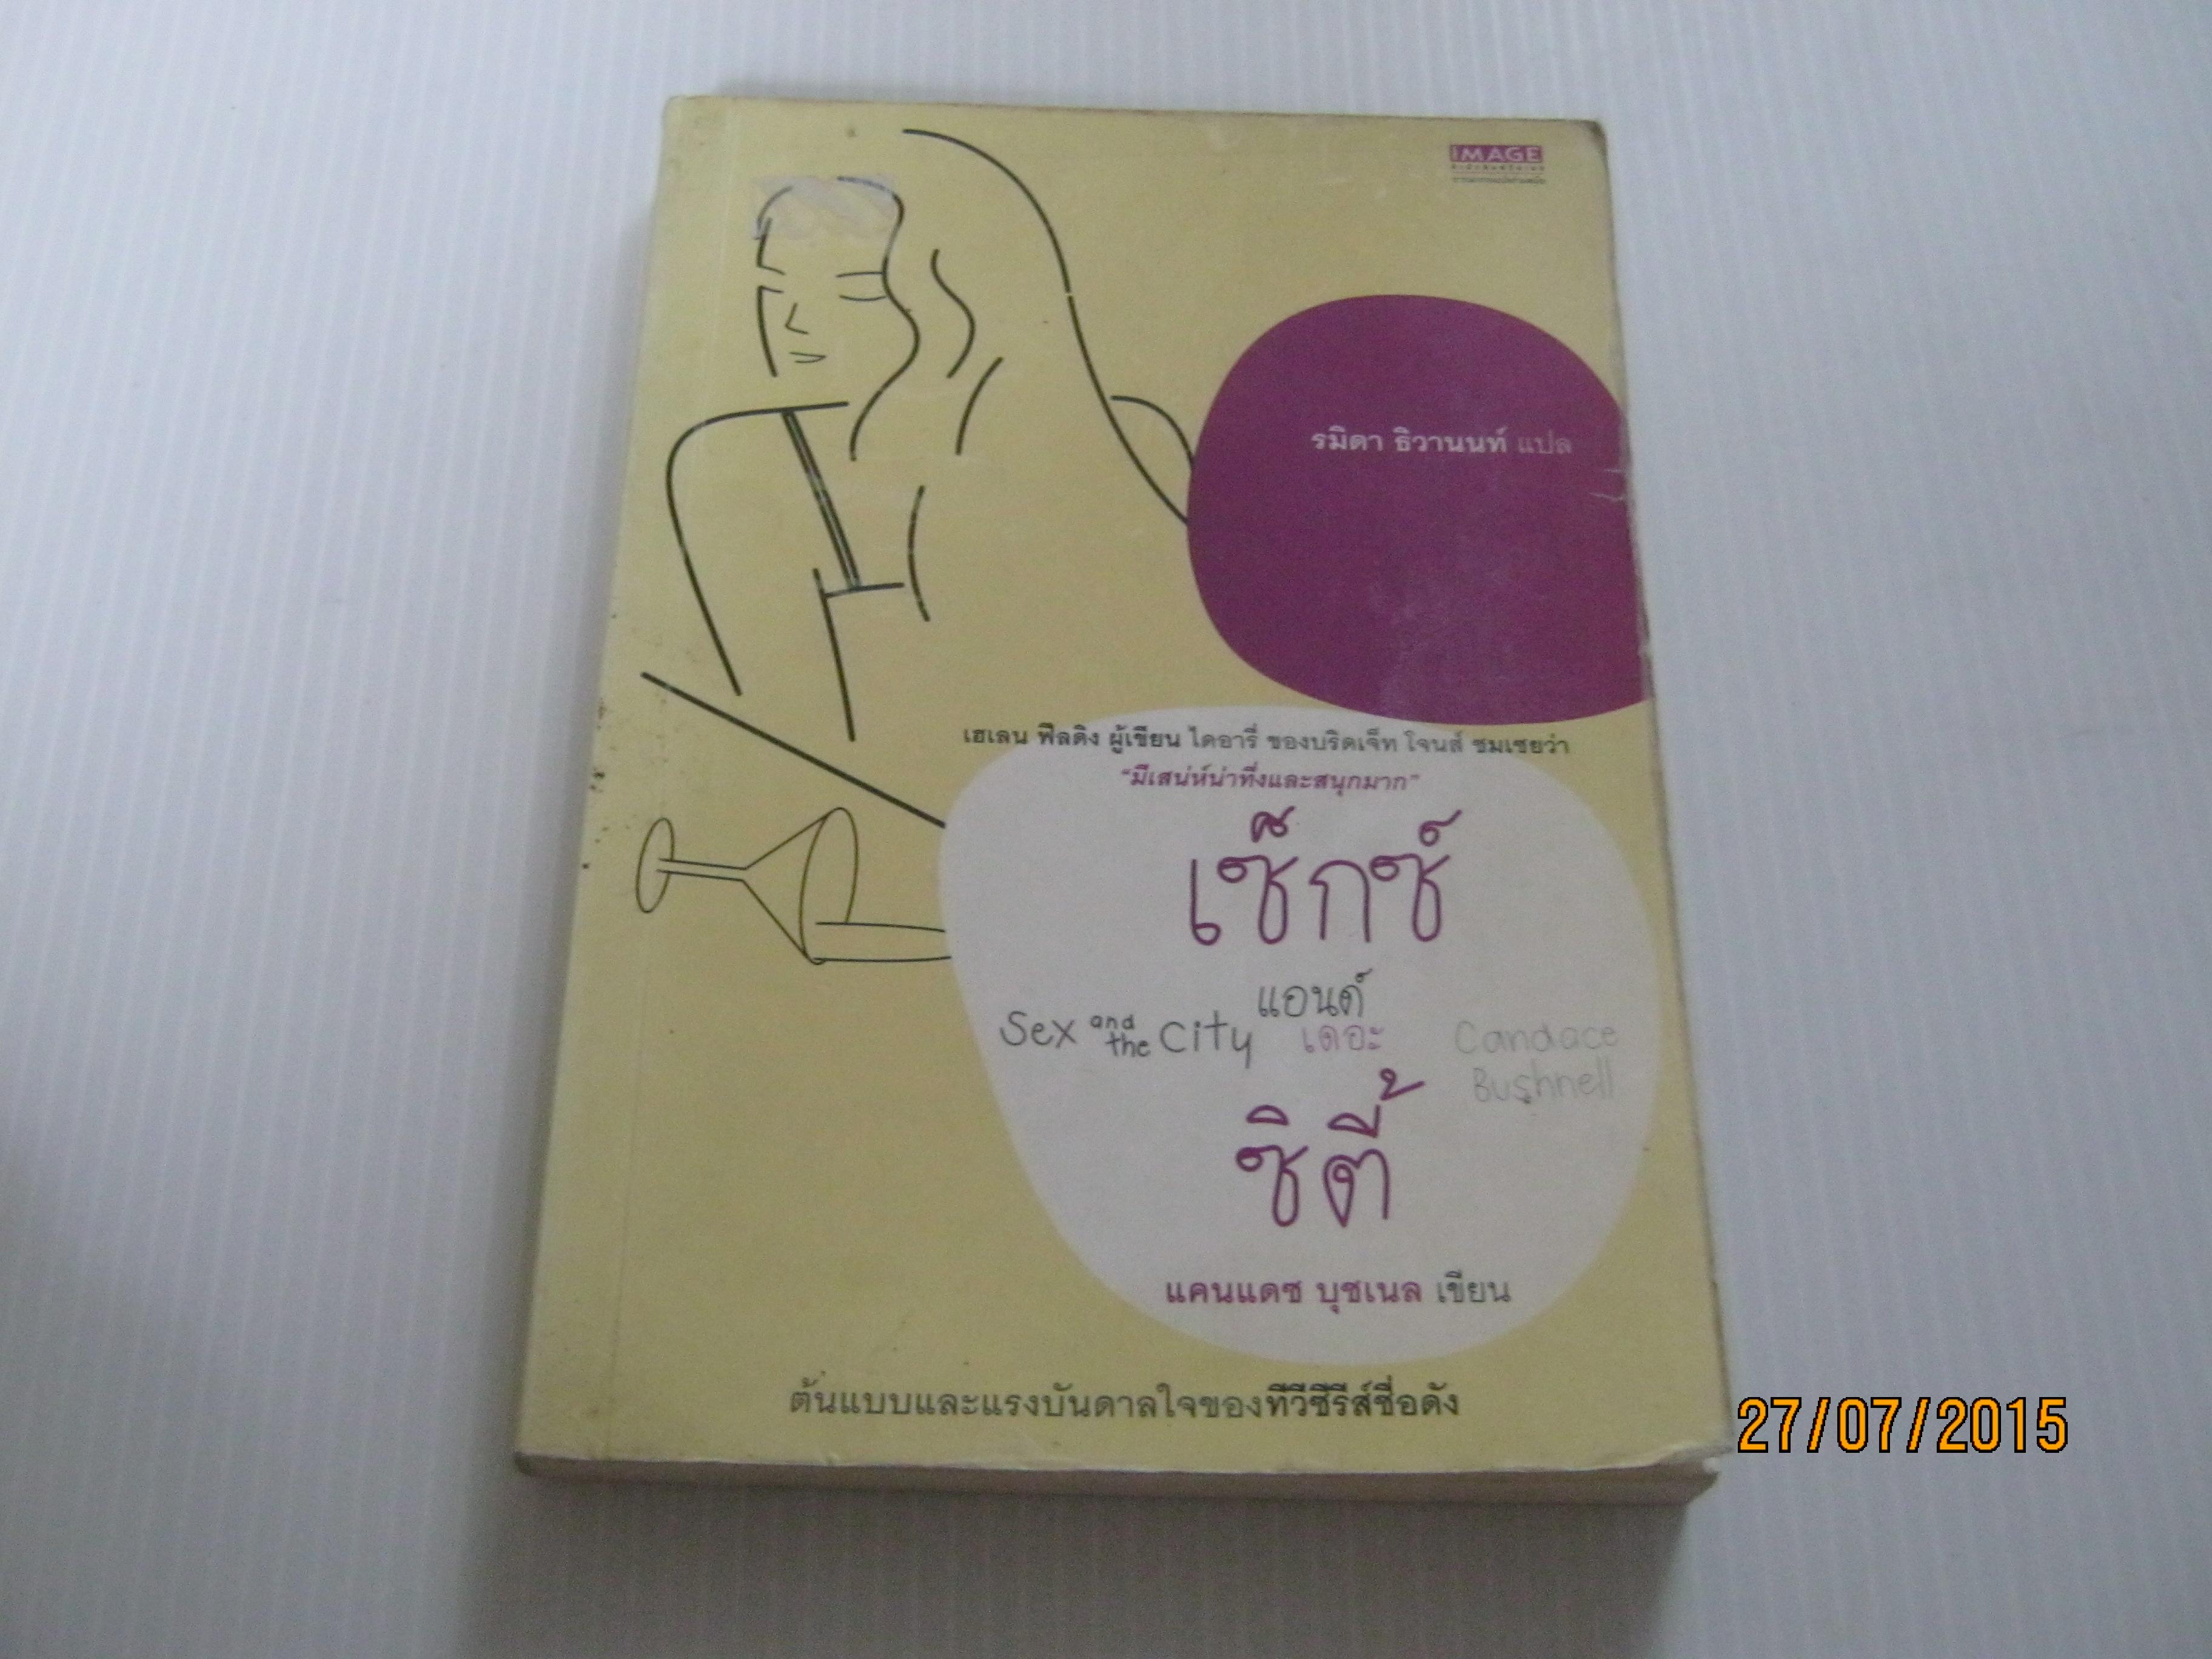 เซ็กซ์ แอนด์ เดอะ ซิตี้ (Sex and the City) แคนเดช บุชเนล เขียน รมิตา ธิวานนท์ แปล